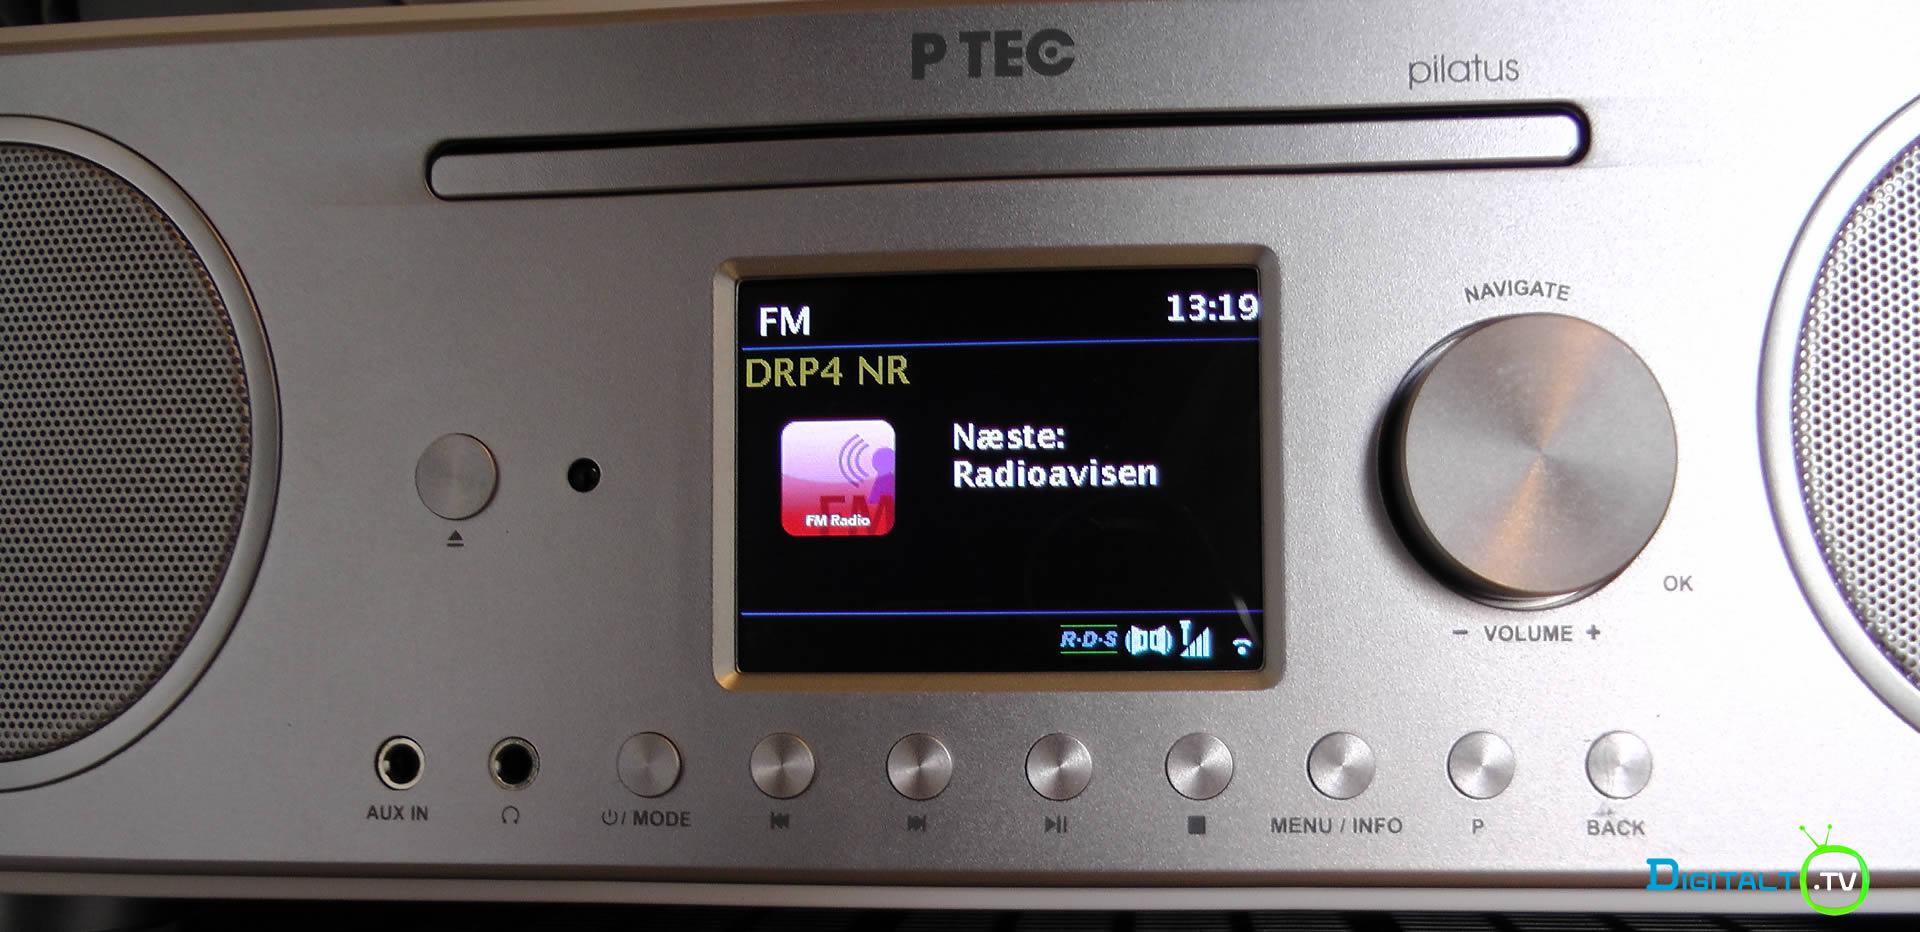 Pilatus fm radio